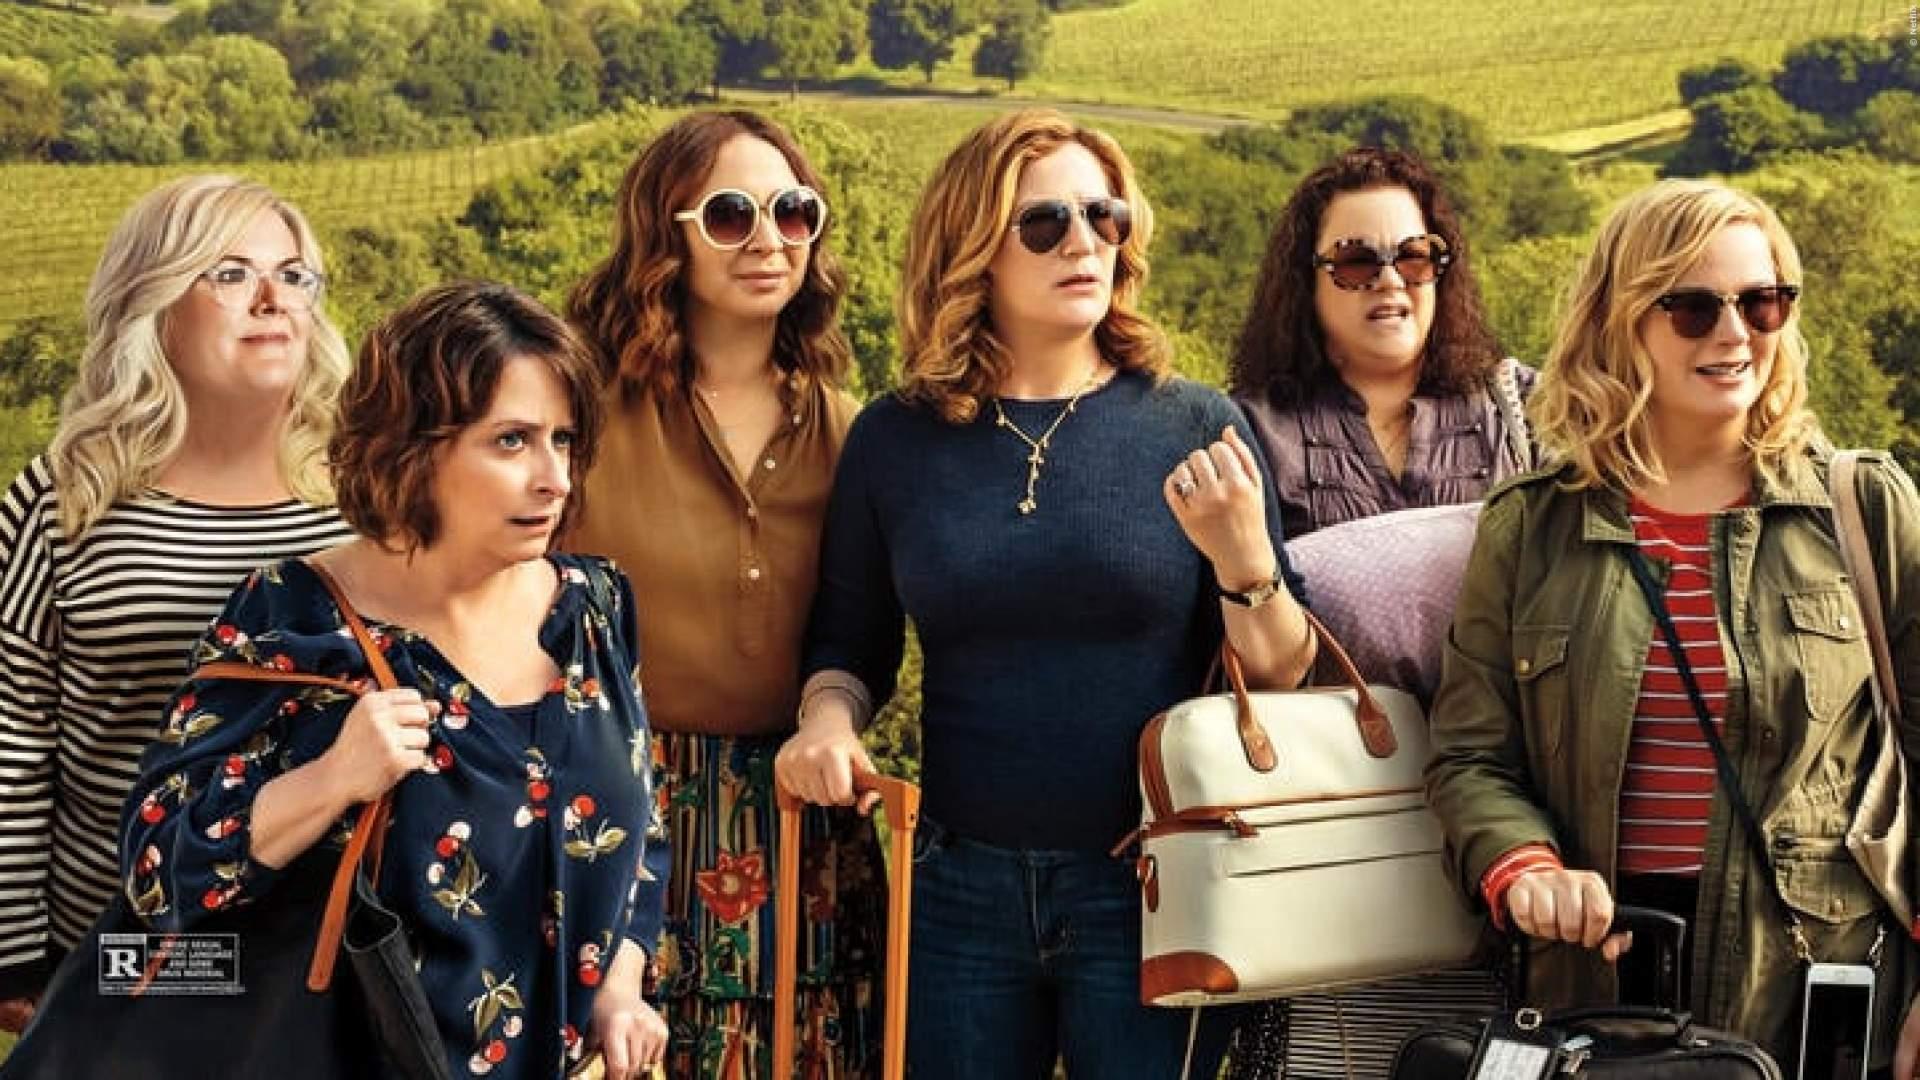 FILM-TIPP: Mädels-Trip mit viel zu viel Alk ist so kaputt wie dein Leben